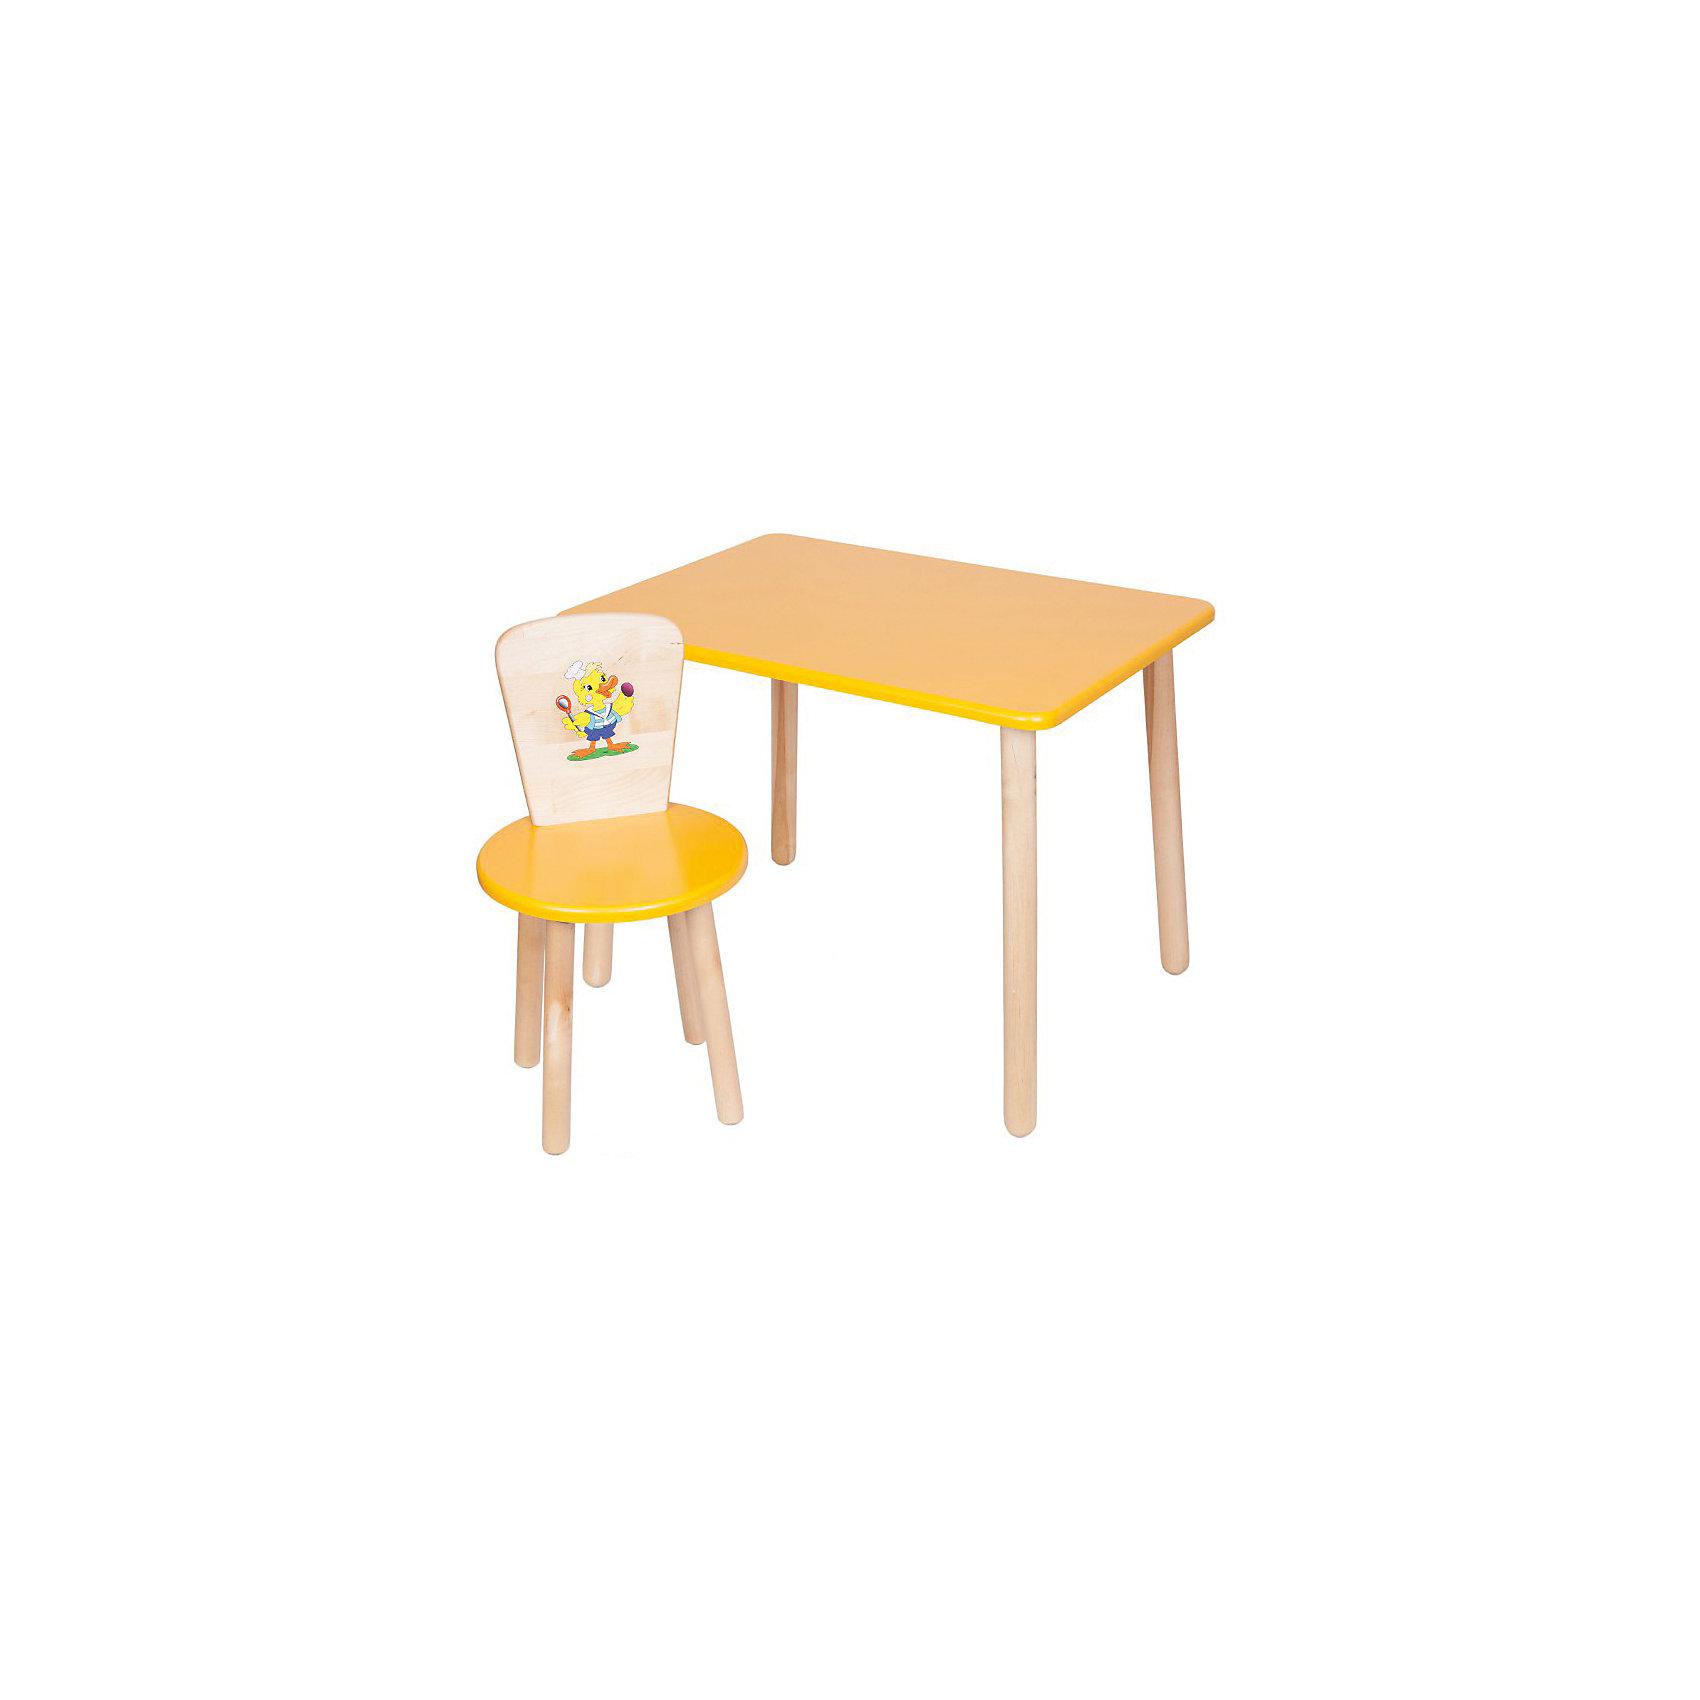 Набор мебели Эко № 1, желтыйНабор мебели Эко от известного производителя Русэкомебель - практичный и красивый комплект, состоящий из стола и стула. Яркая мебель прекрасно впишется в интерьер детской и обязательно понравится вашему ребенку. Стул и стол не имеют острых углов, которые могут травмировать малышей. Гладкая поверхность столешницы и сиденья позволяет легко устранять любые загрязнения. Стол прямоугольной формы идеально подойдет для занятий, игр и творчества. Набор выполнен из высококачественных материалов, раскрашен безопасными, экологичными и нетоксичными красителями. <br><br>Дополнительная информация:<br><br>- Комплектация: стол, стул.<br>- Материал: дерево (береза), МДФ.<br>- Не имеет острых углов. <br>- Размер столешницы: 45x60 см. <br>- Высота стола: 52 см.<br>- Диаметр стула: 31 см. <br>- Высота стула: 57 см.<br>- Высота стула (от пола до сиденья): 32 см.<br><br>Набор мебели Эко № 1, желтый, можно купить в нашем магазине.<br><br>Ширина мм: 730<br>Глубина мм: 530<br>Высота мм: 140<br>Вес г: 8400<br>Возраст от месяцев: 24<br>Возраст до месяцев: 84<br>Пол: Унисекс<br>Возраст: Детский<br>SKU: 4756475